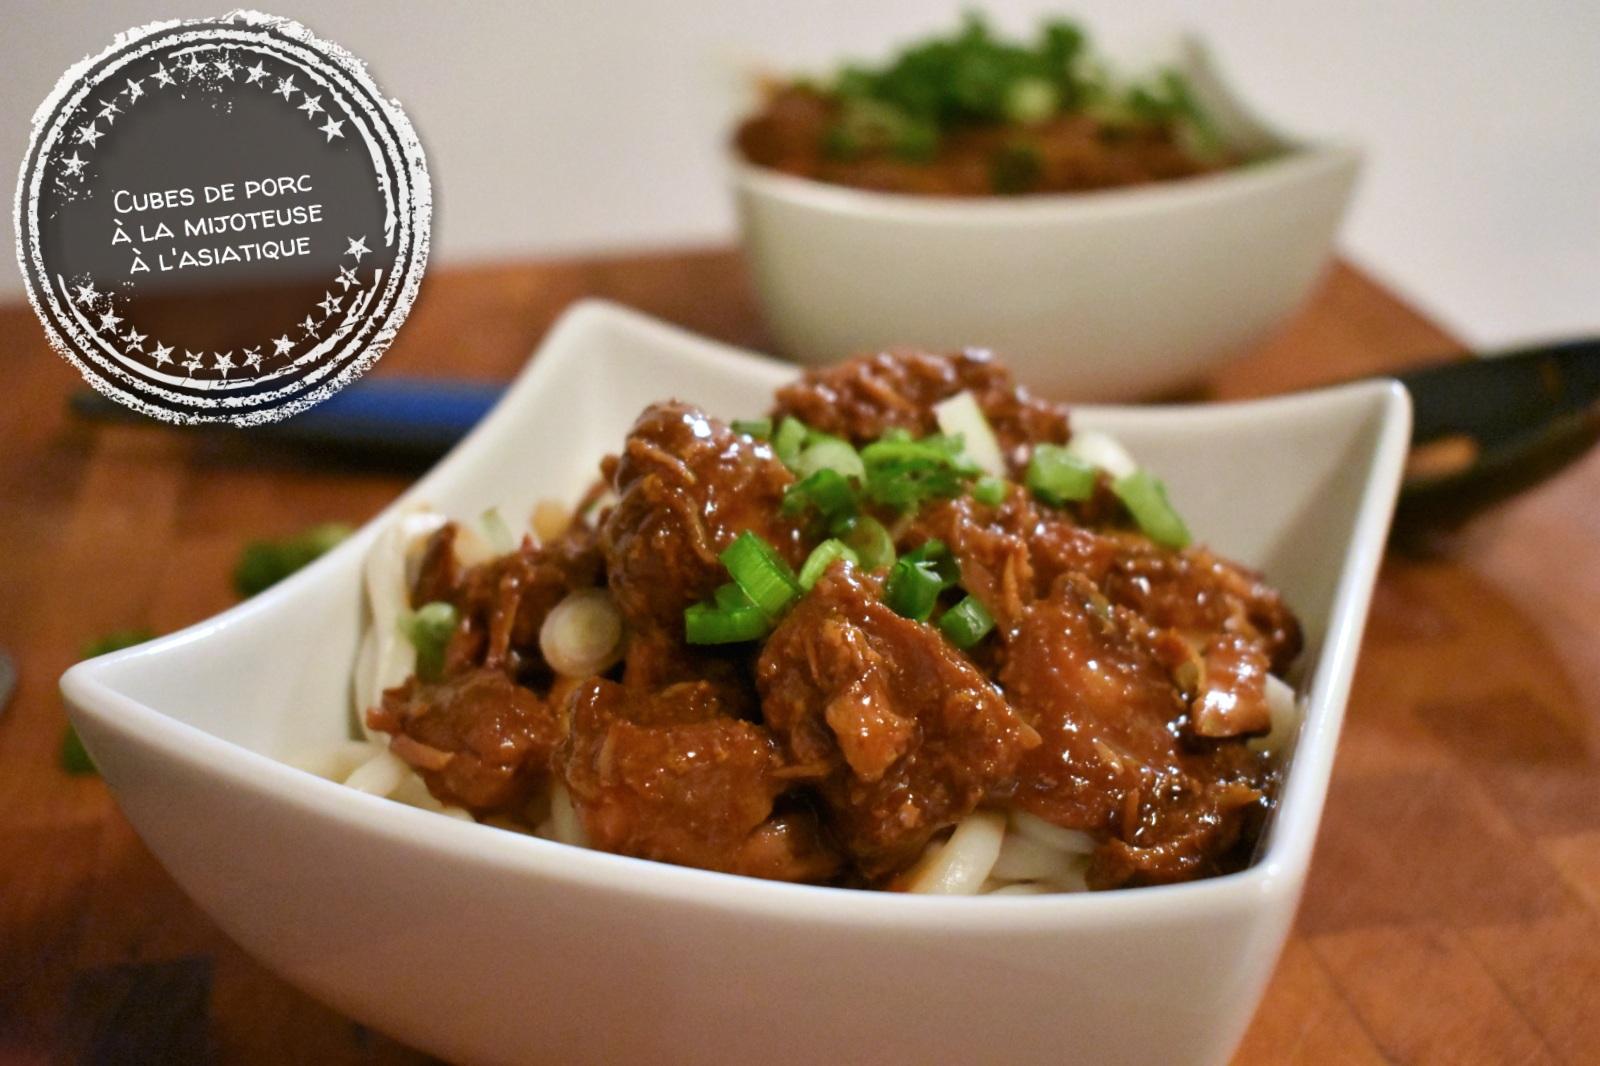 Recettes mijoteuse Slow Cooker Mijoteuse facile et d/élicieux rapide recettes /à cuisson lente